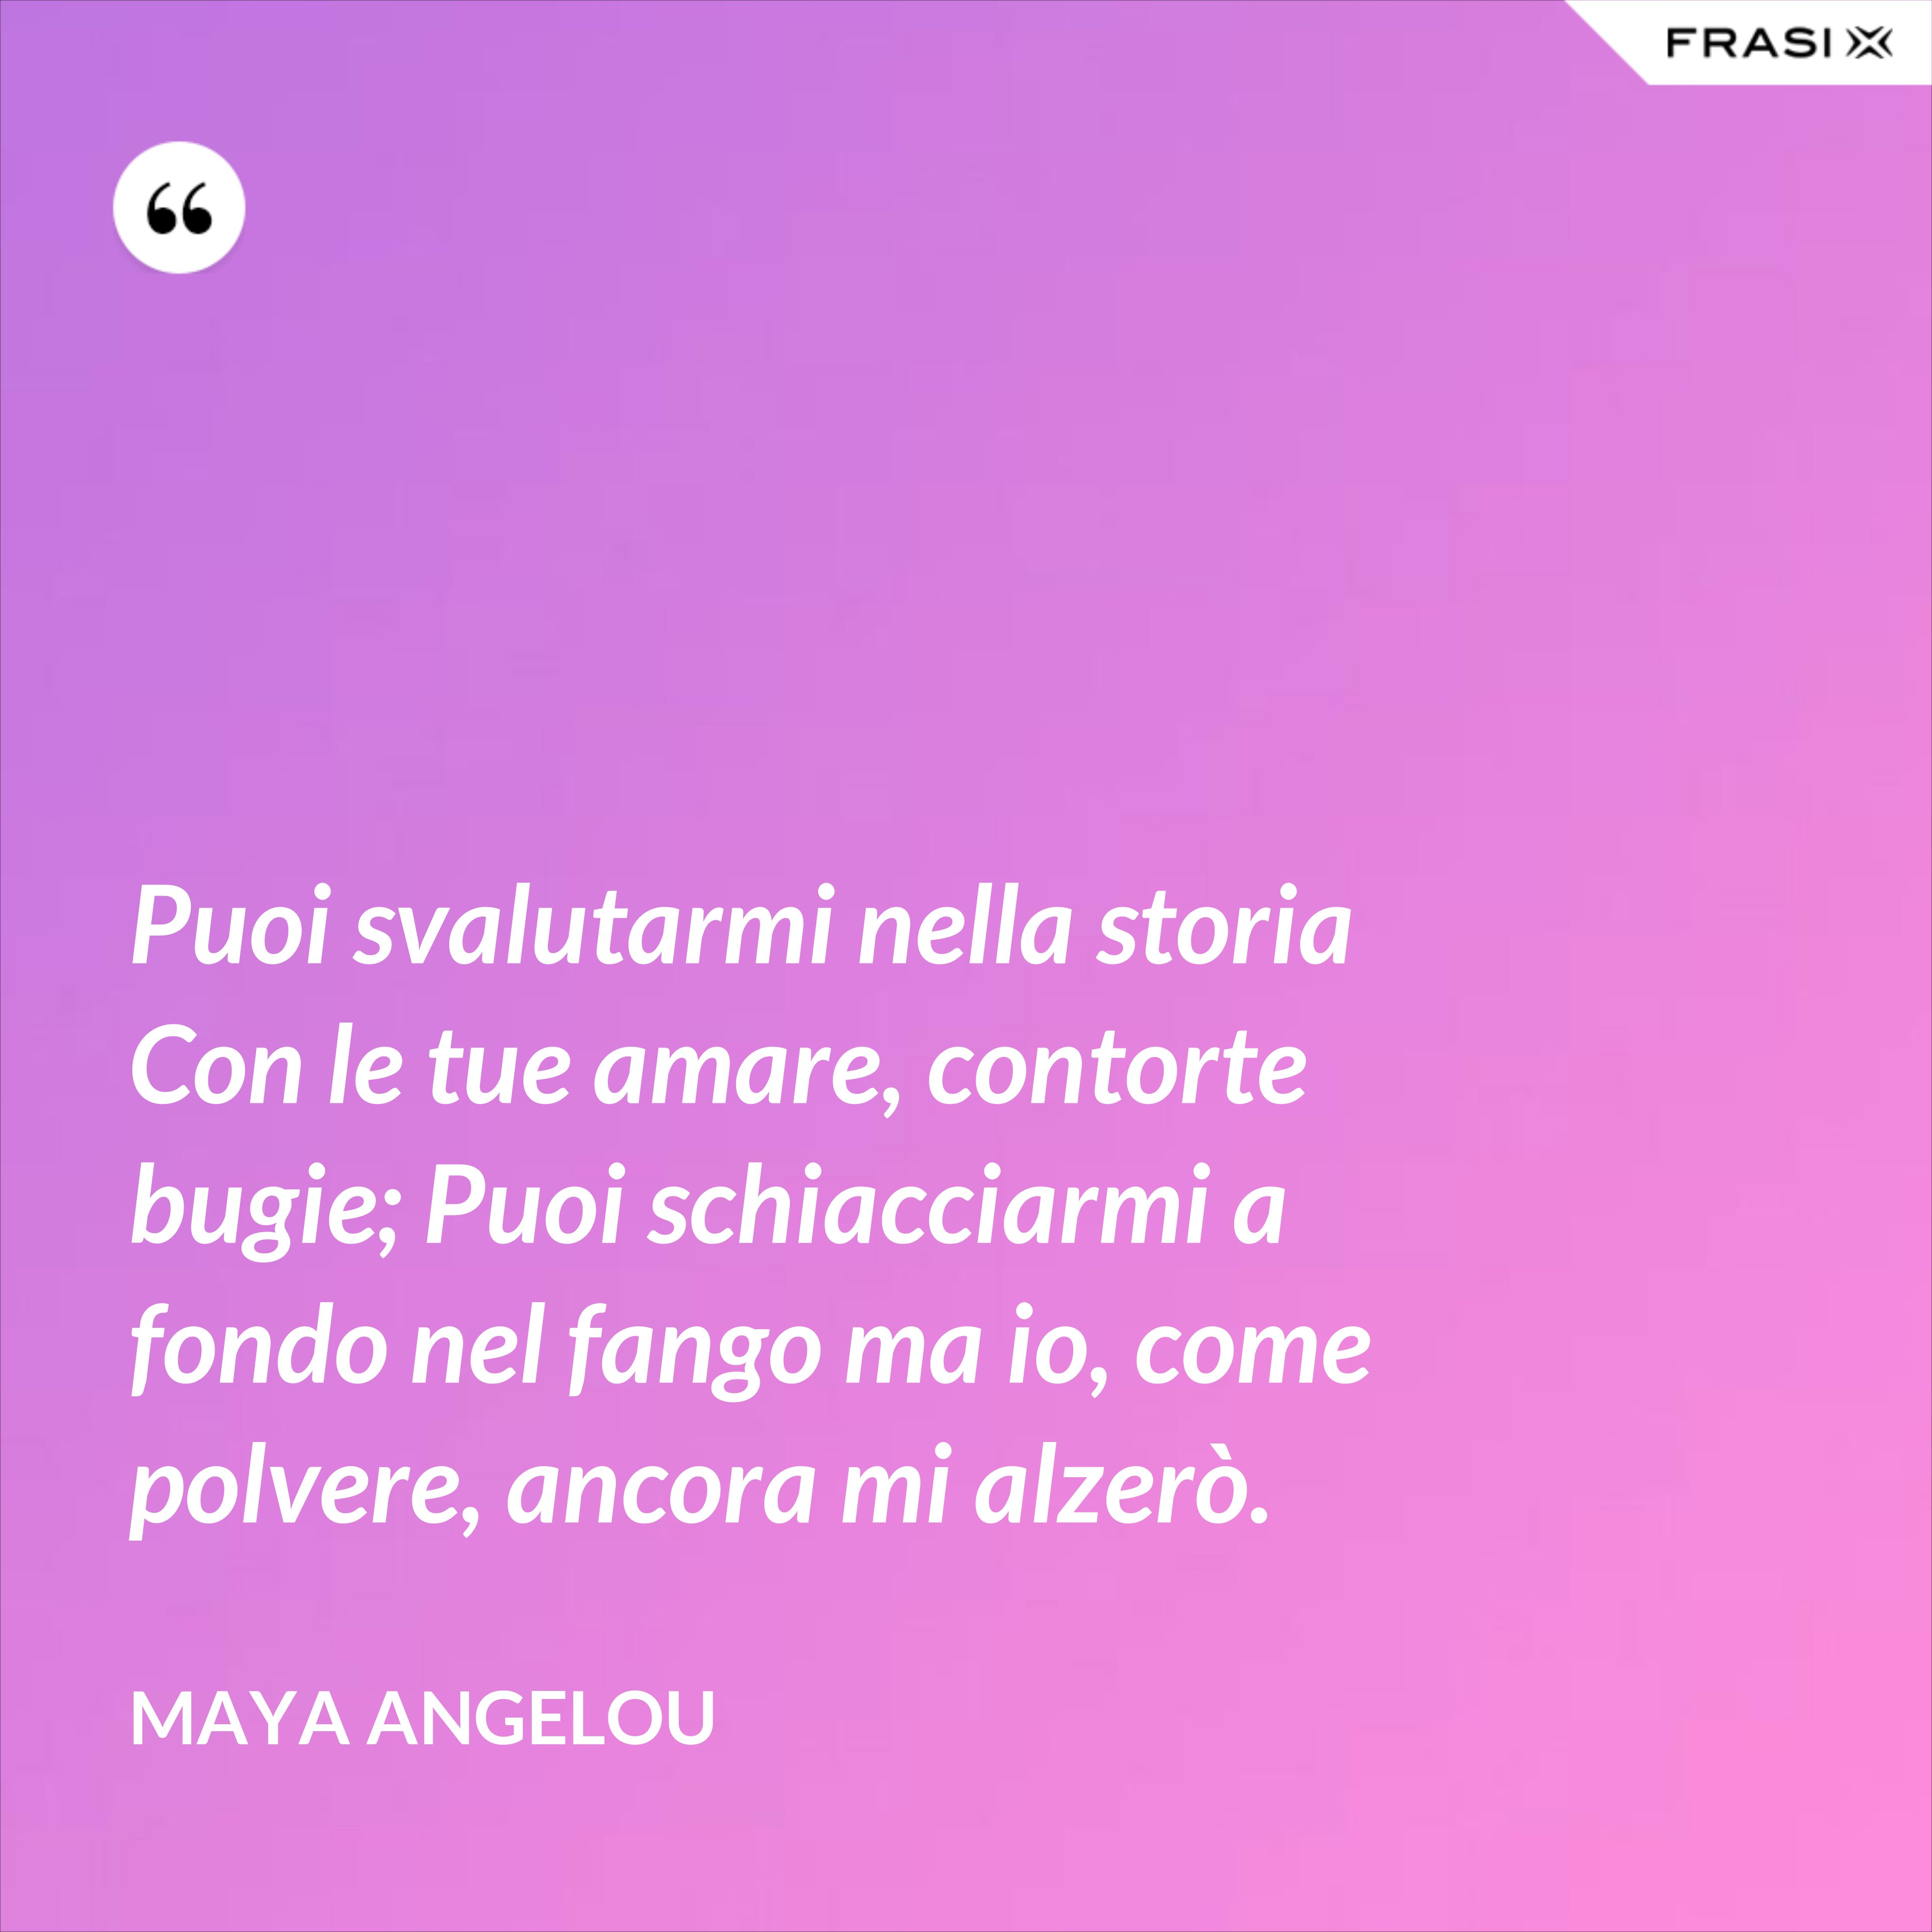 Puoi svalutarmi nella storia Con le tue amare, contorte bugie; Puoi schiacciarmi a fondo nel fango ma io, come polvere, ancora mi alzerò. - Maya Angelou